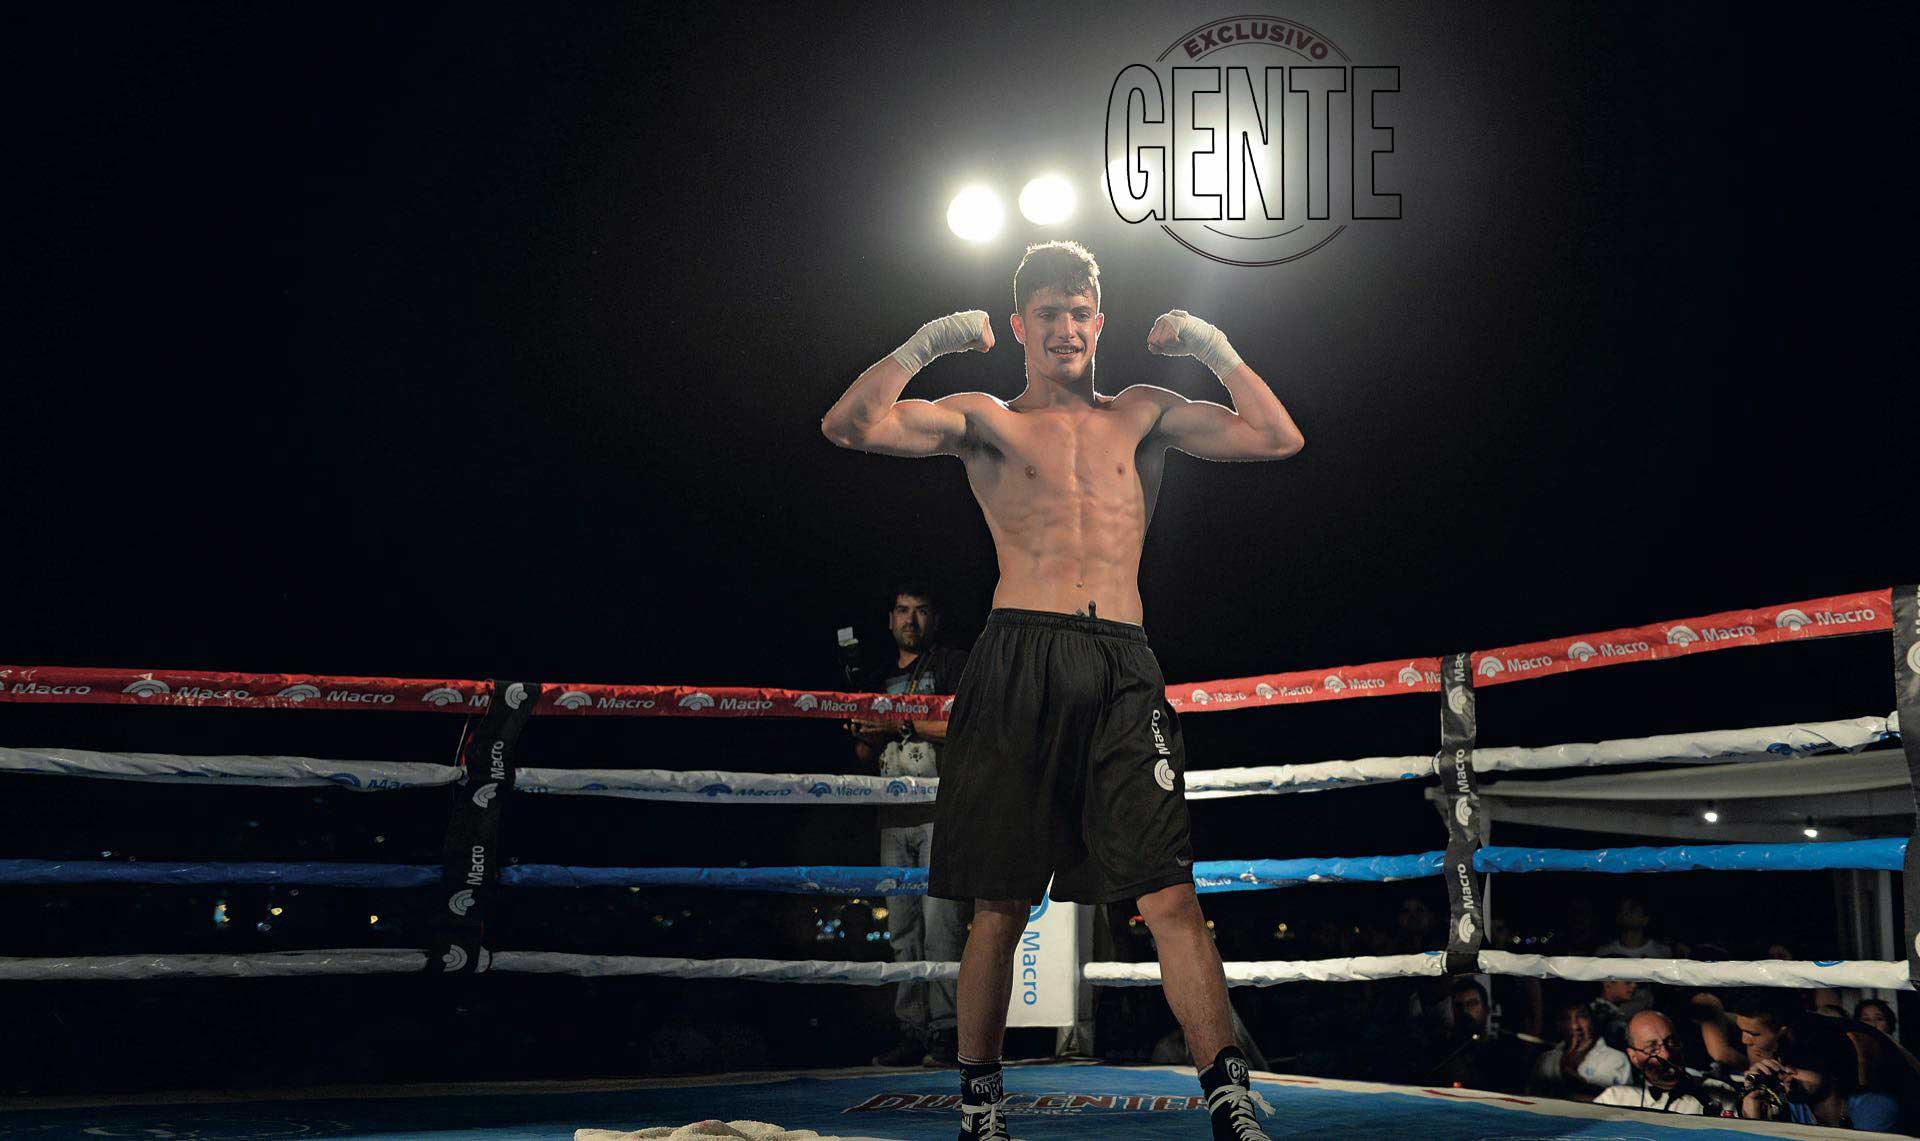 Mateo Castro en el ring. (Foto Diego García/GENTE)